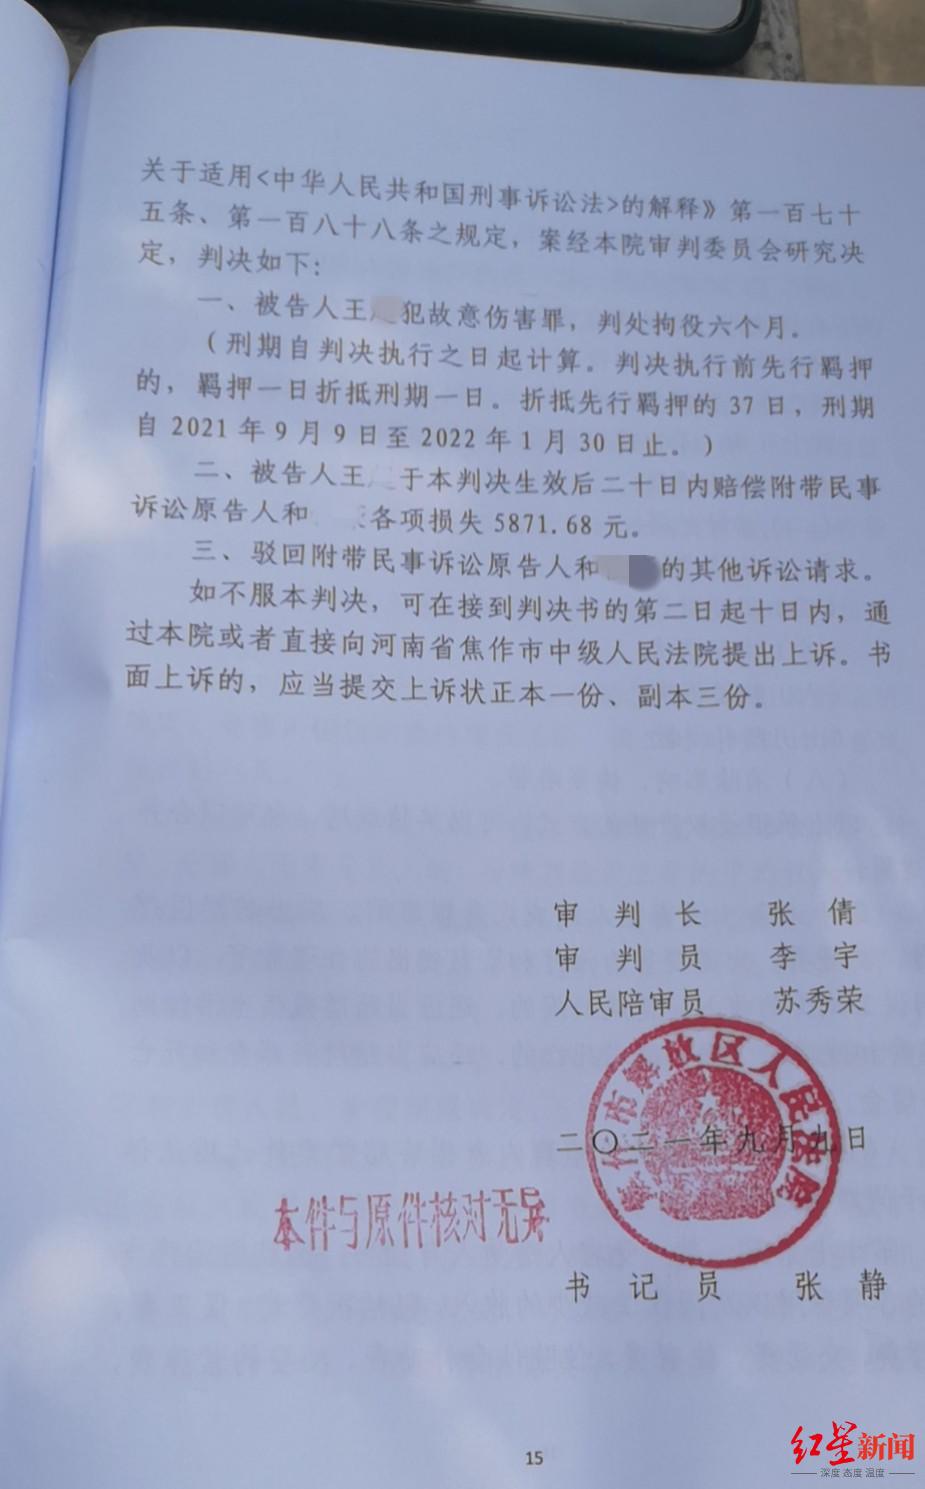 王某因故意傷害罪一審被判拘役六個月